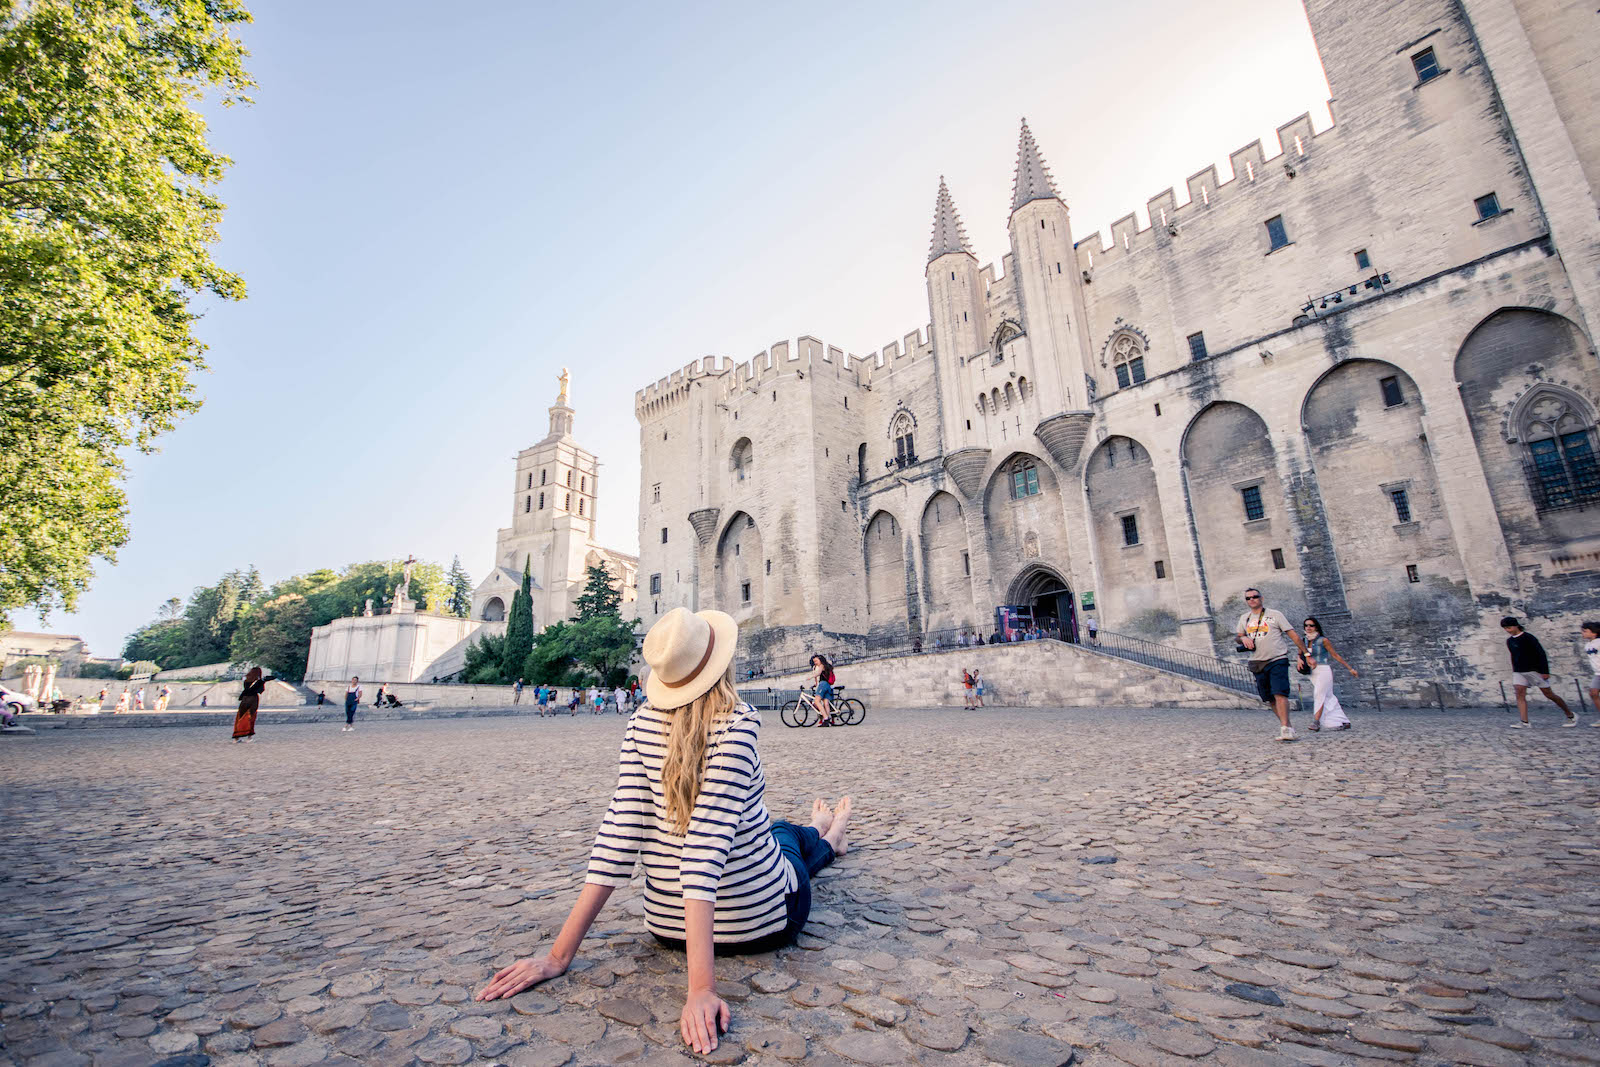 Papspalast-Avignon